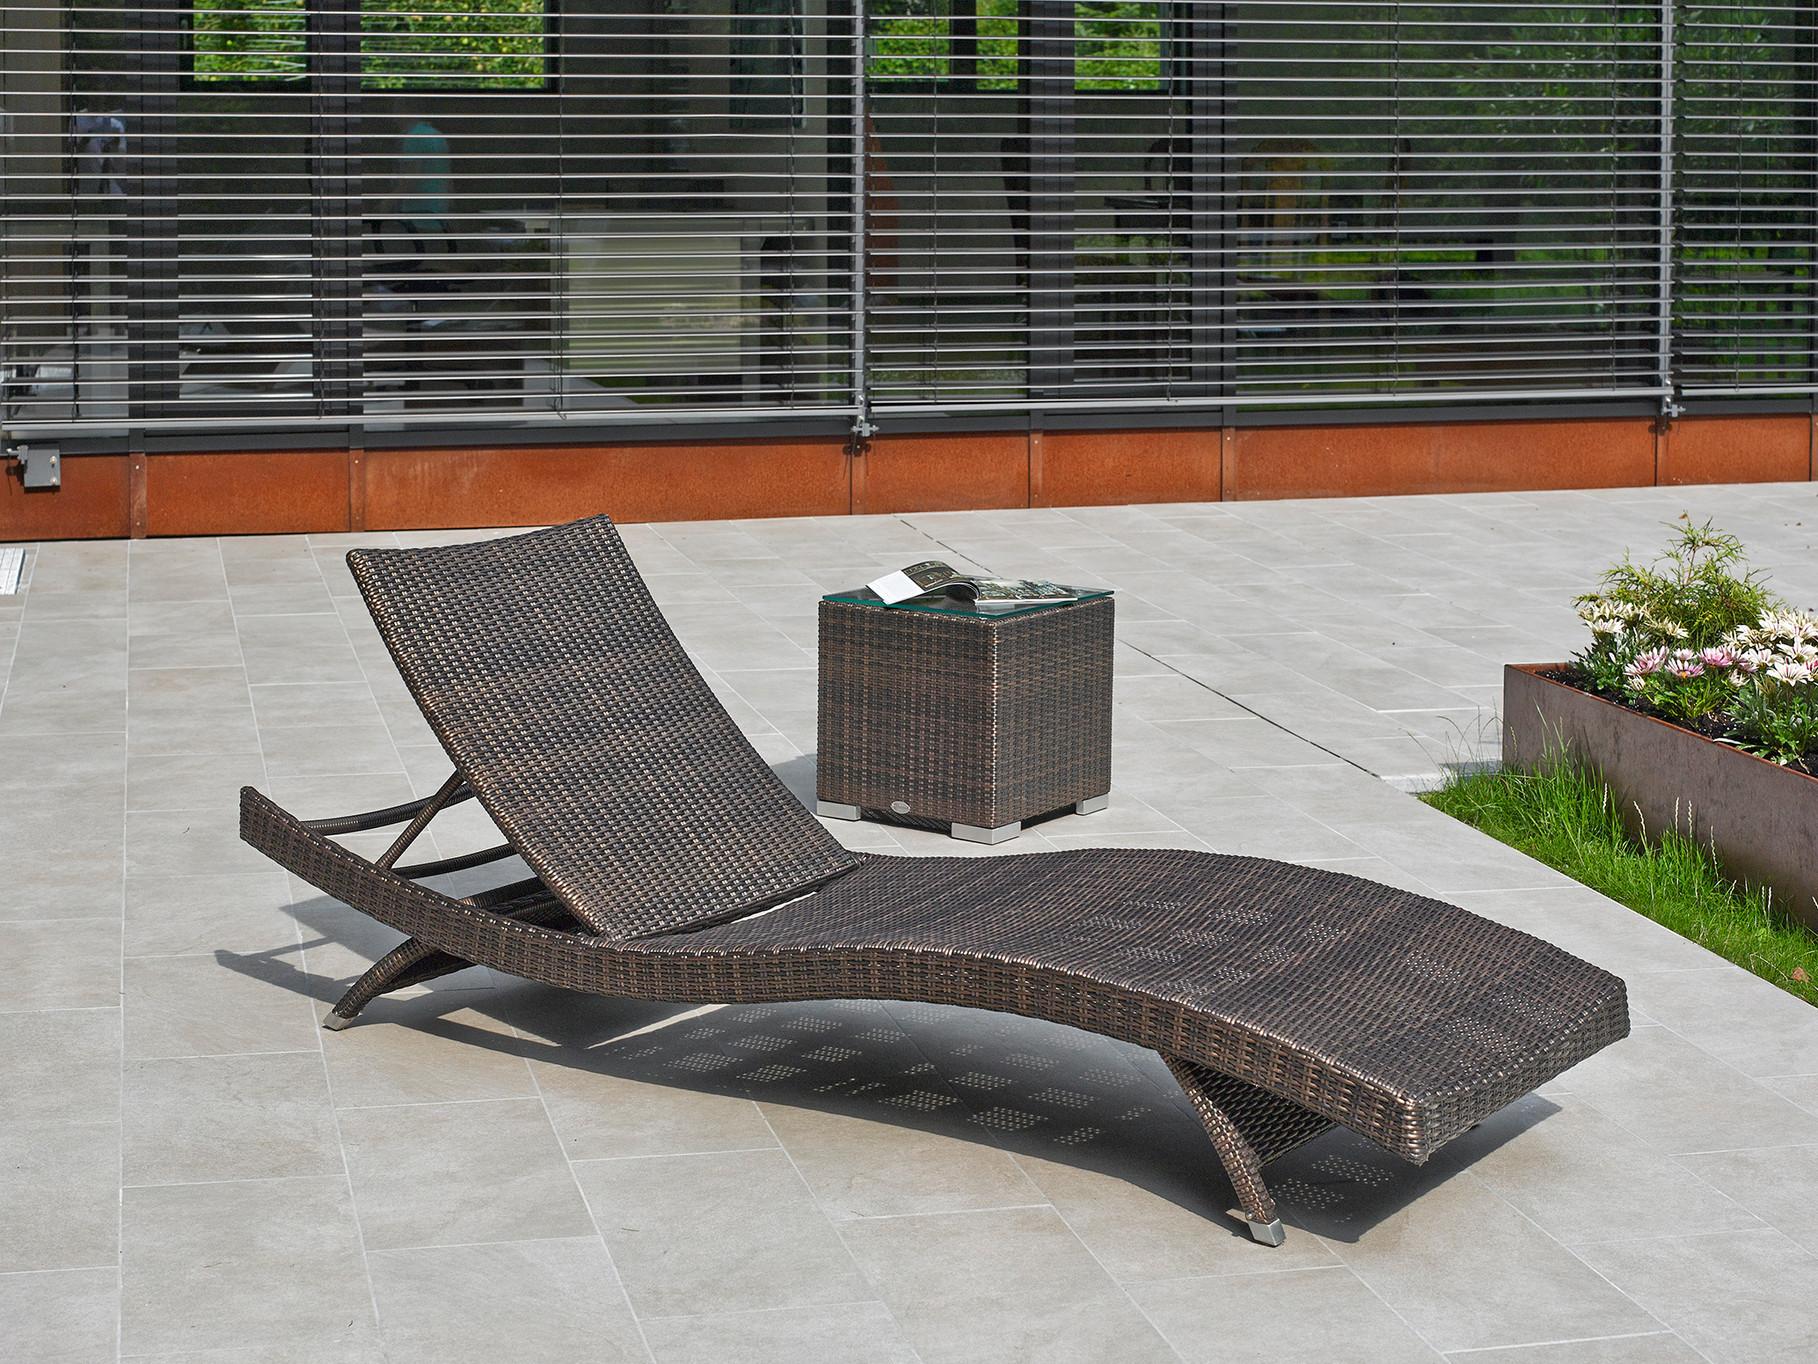 Gartenliegen - Hochwertige Gartenmöbel | Rattan | Teakholz ...